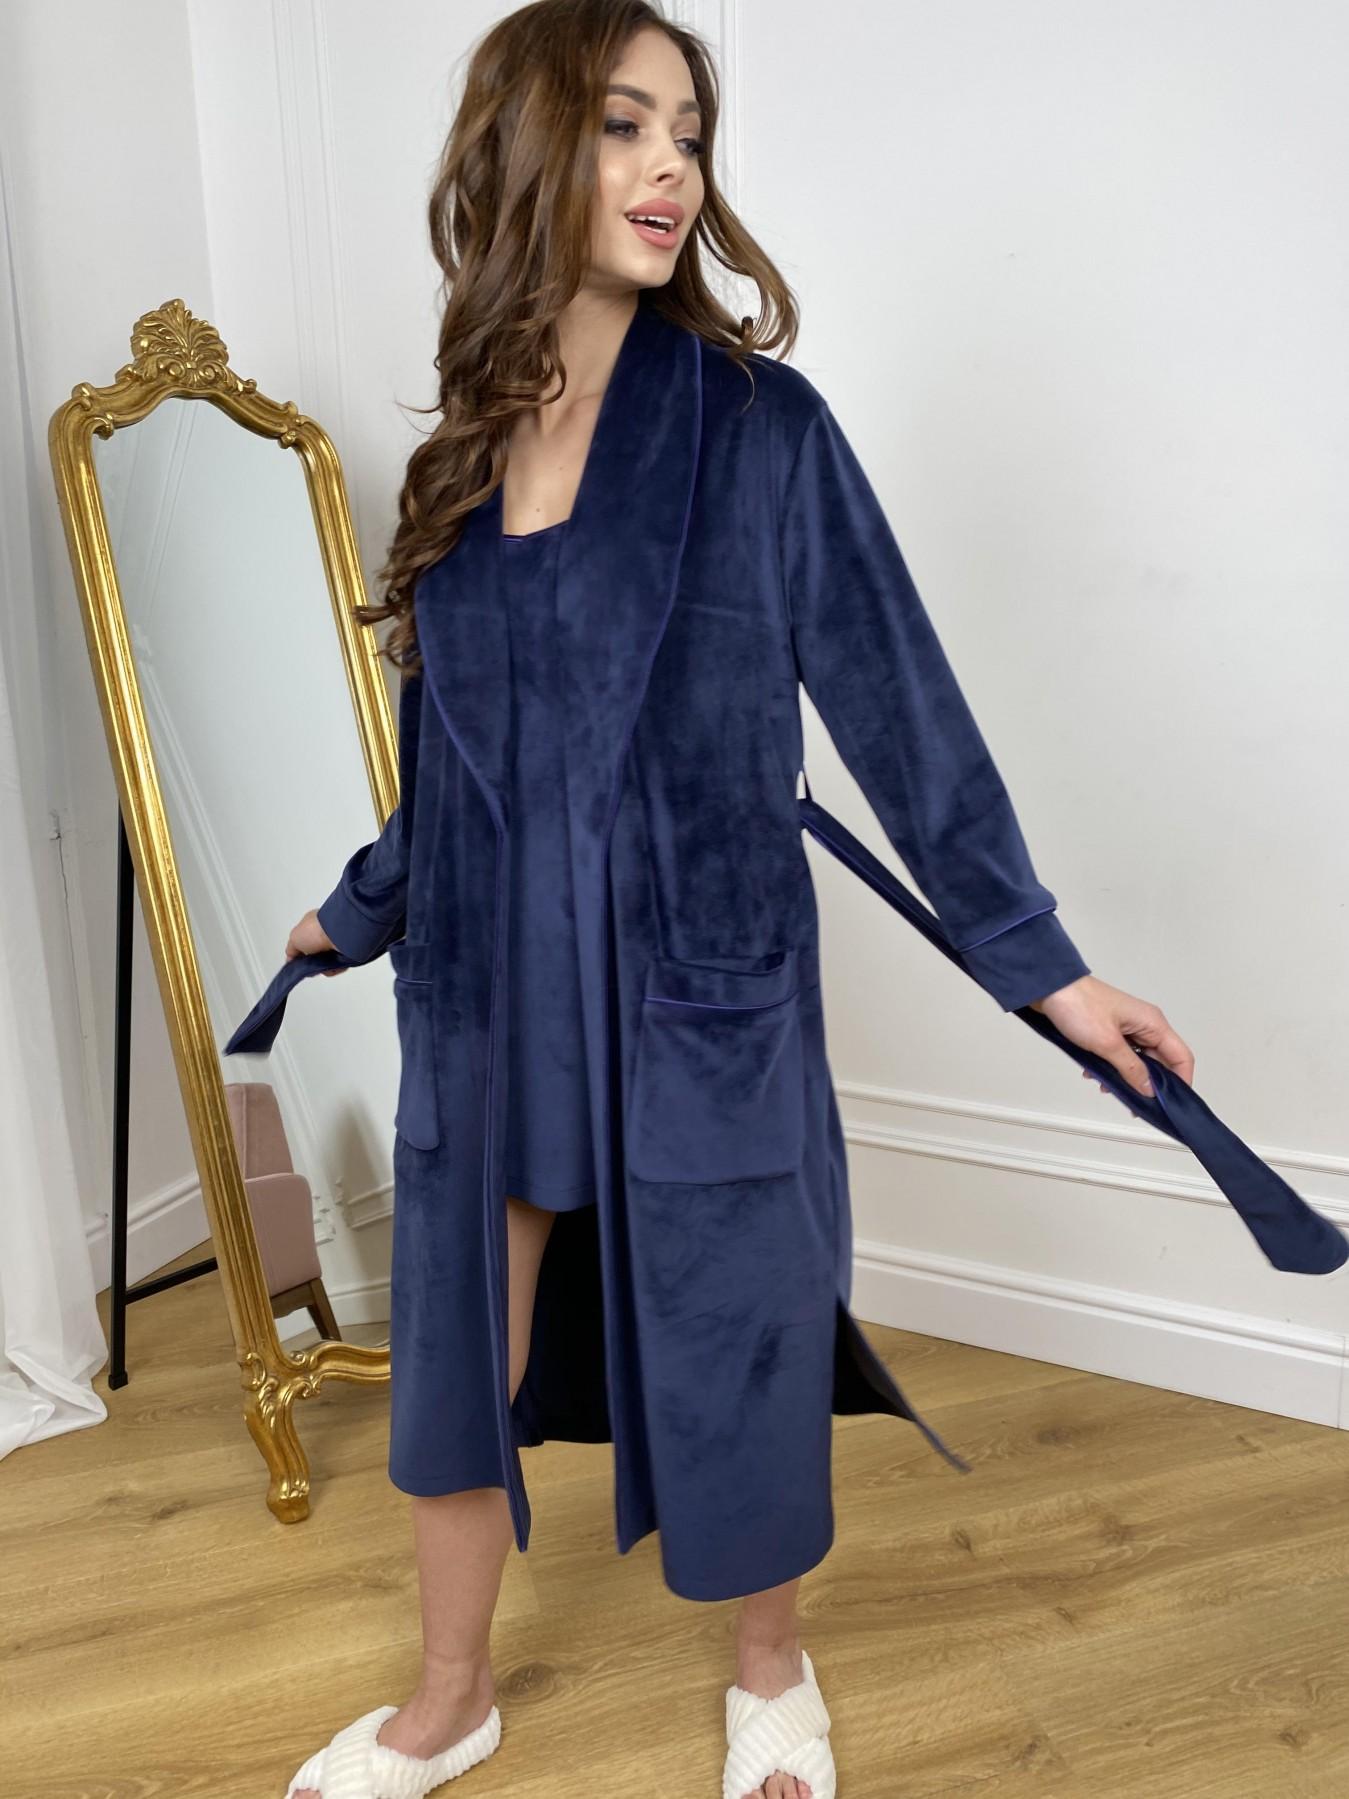 Сандрин миди халат из велюровой ткани 10510 АРТ. 46849 Цвет: т. синий - фото 5, интернет магазин tm-modus.ru